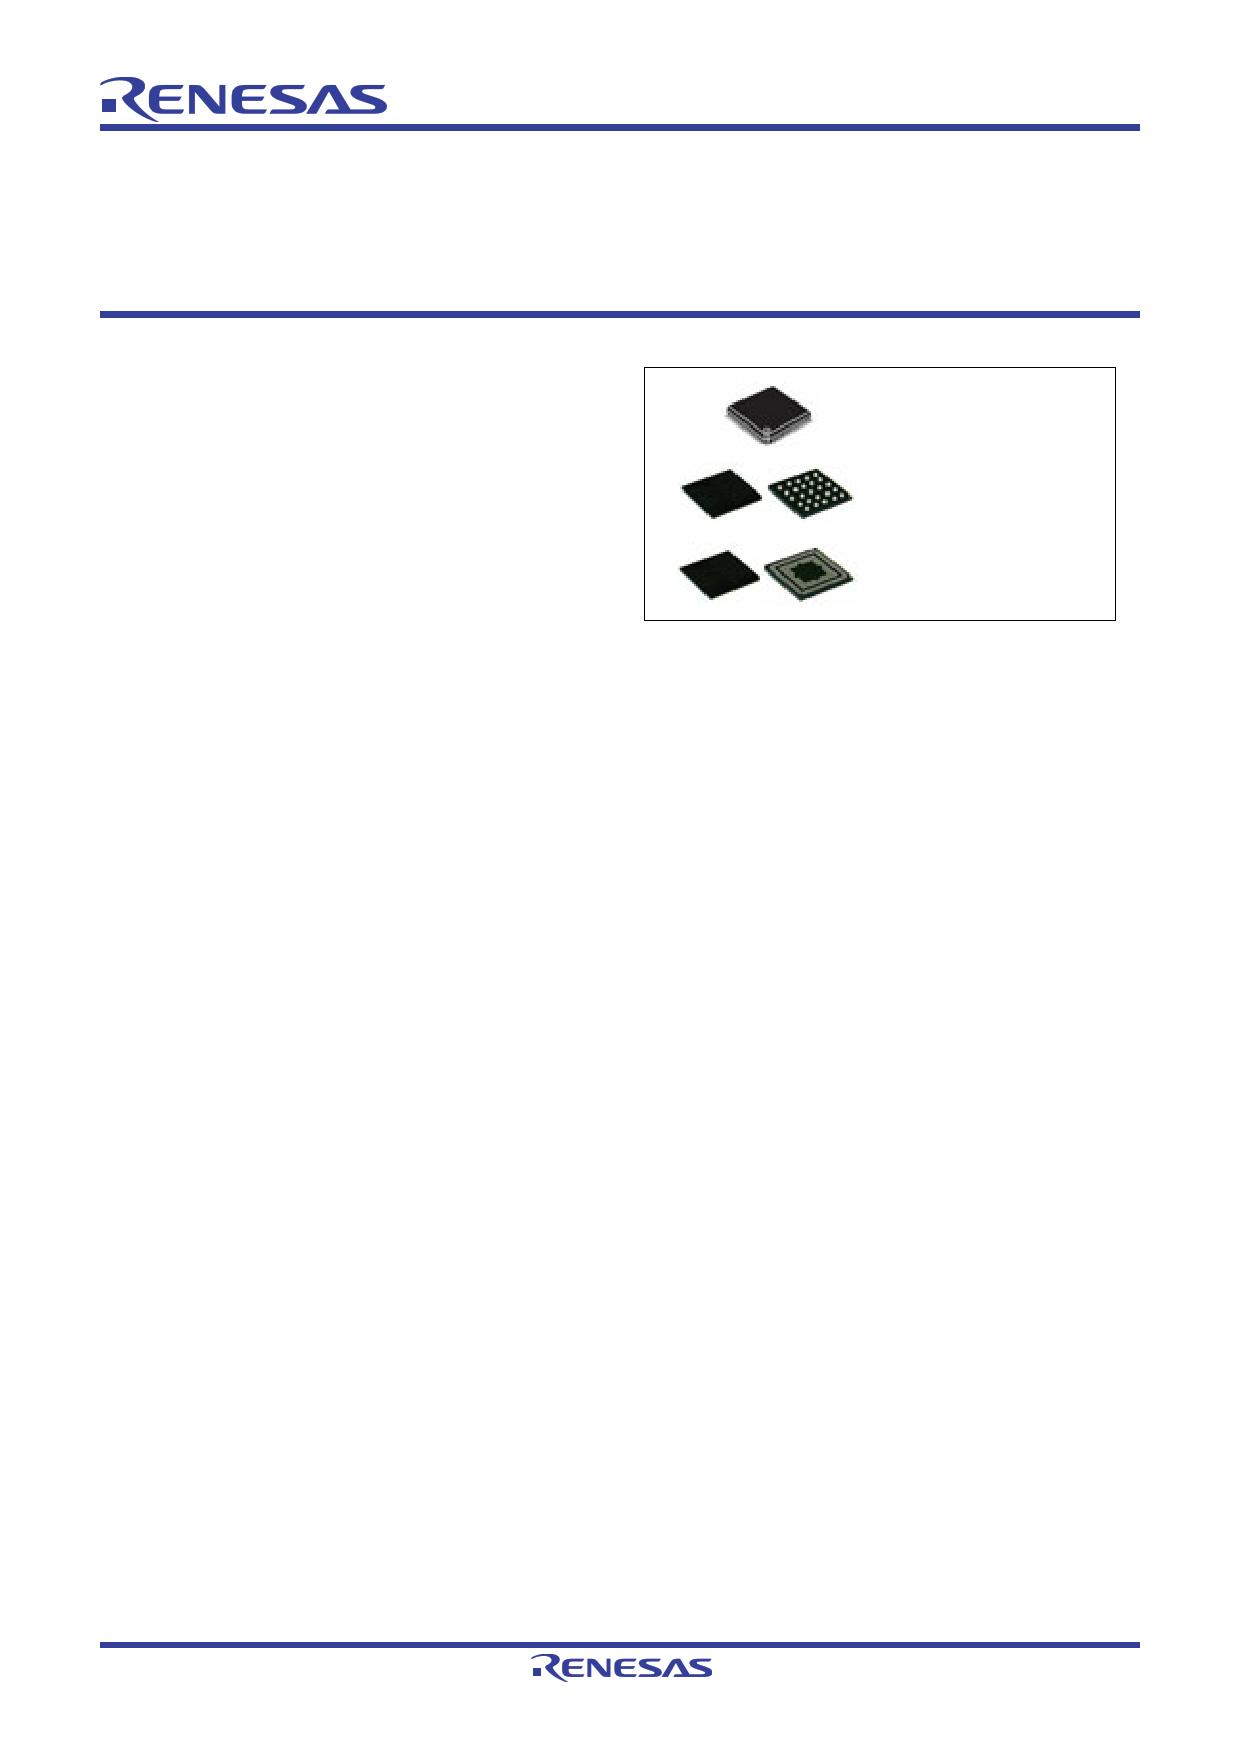 r5f563nkdgfb datasheet pdf   pinout